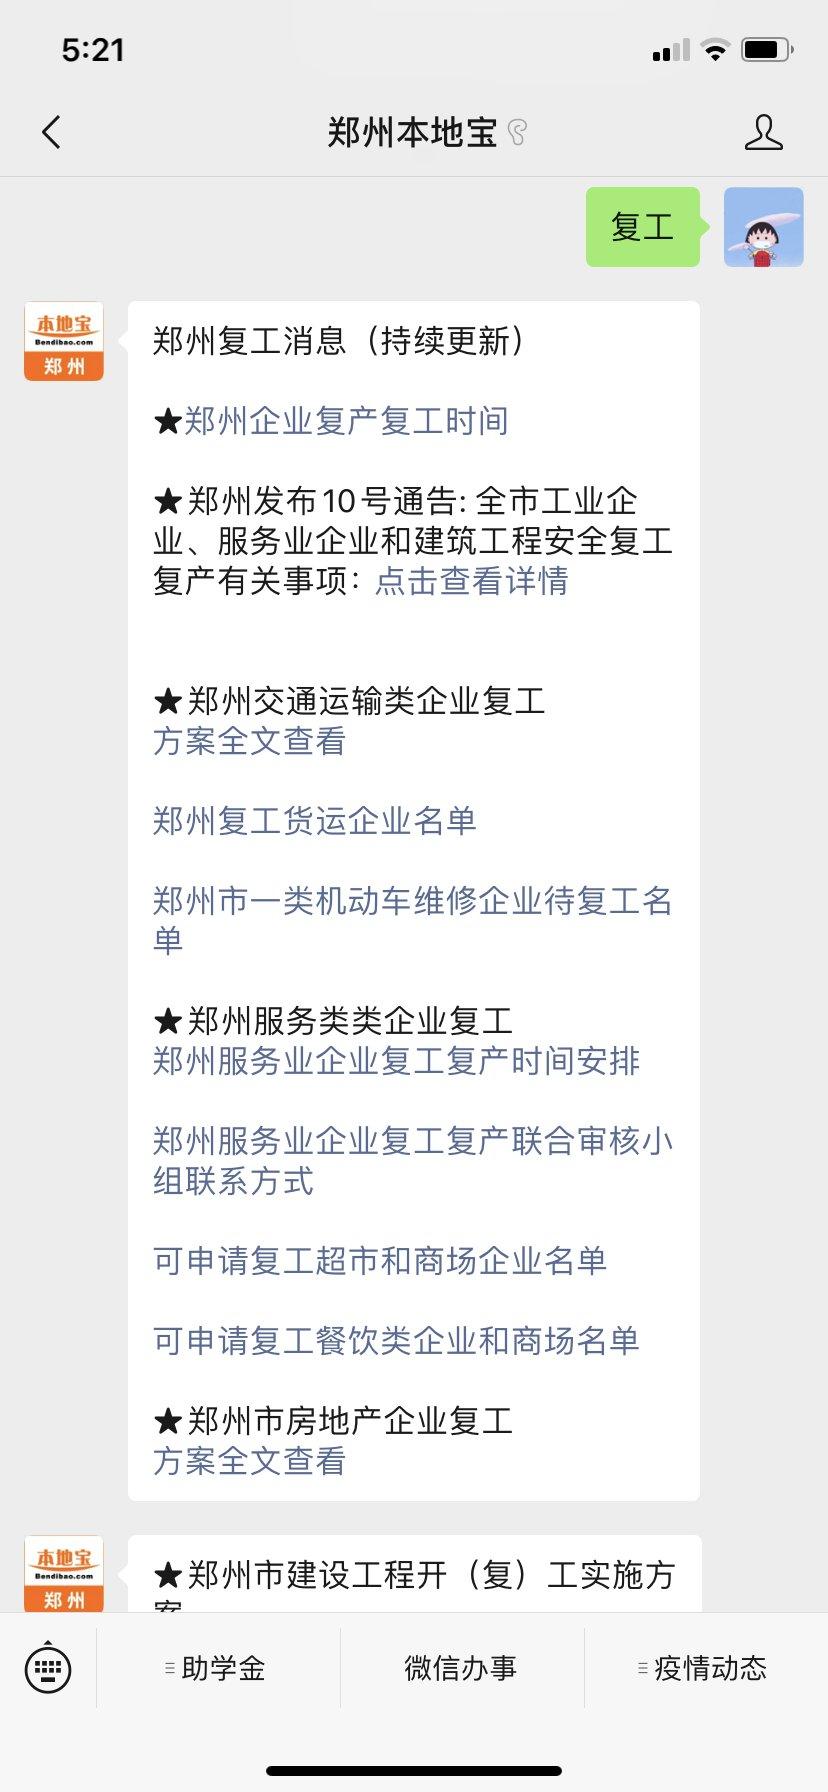 肺炎疫情期间,郑州复工复产时间是什么时候?